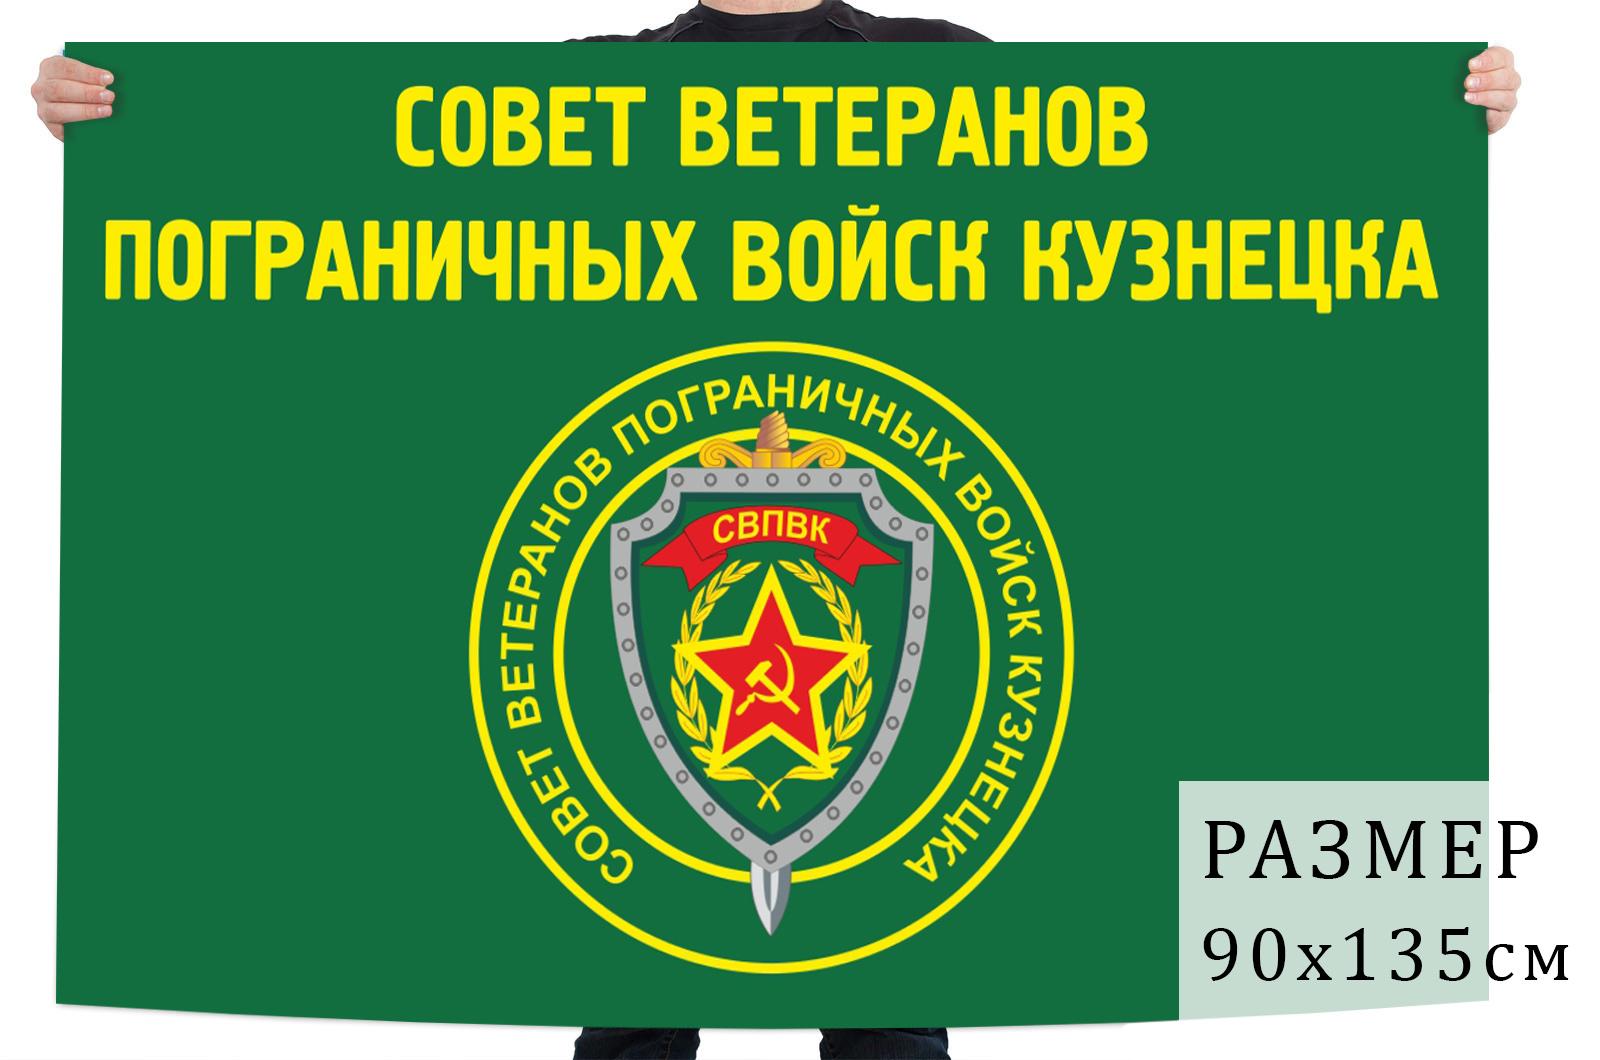 Флаг совета ветеранов пограничных войск Кузнецка